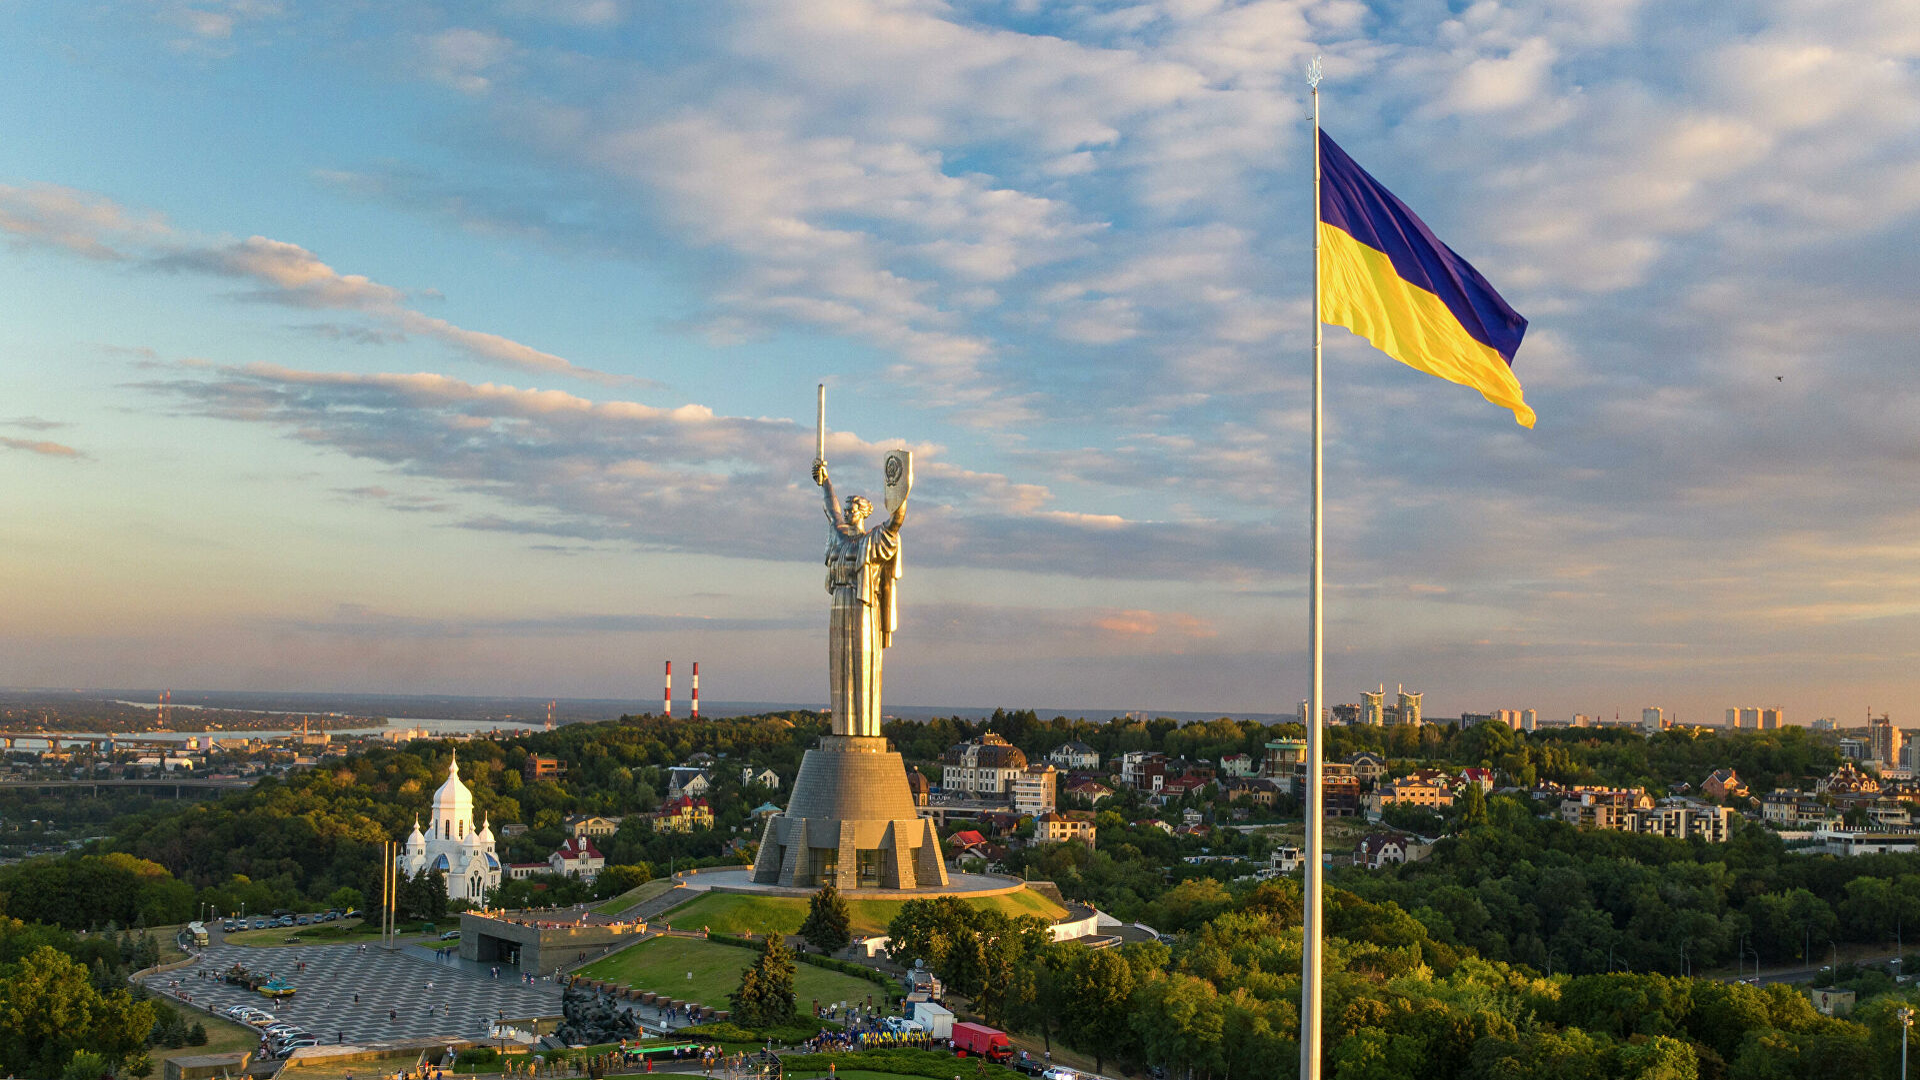 Самый большой флаг Украины в Киеве - РИА Новости, 1920, 29.09.2020